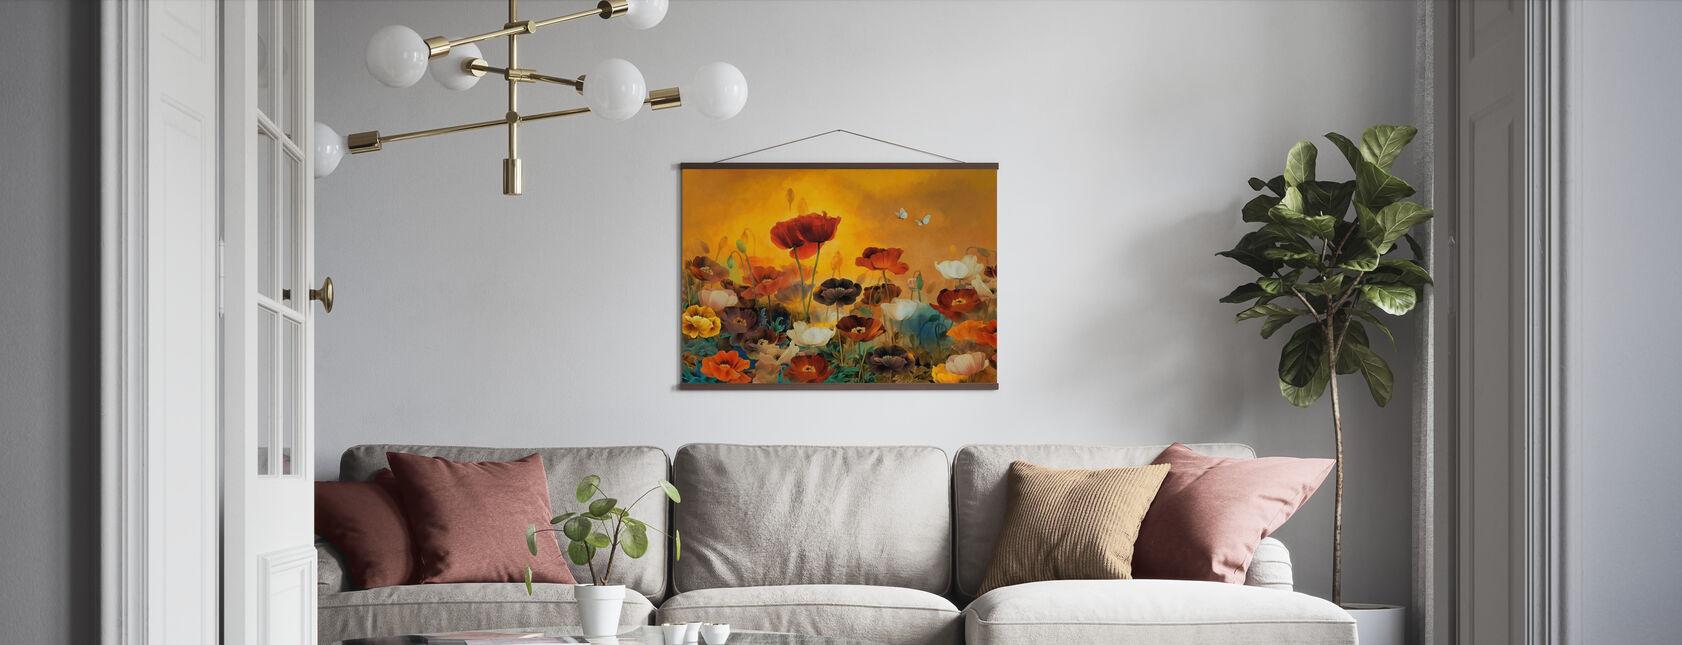 Mohnblumen Mohnblumen - Poster - Wohnzimmer